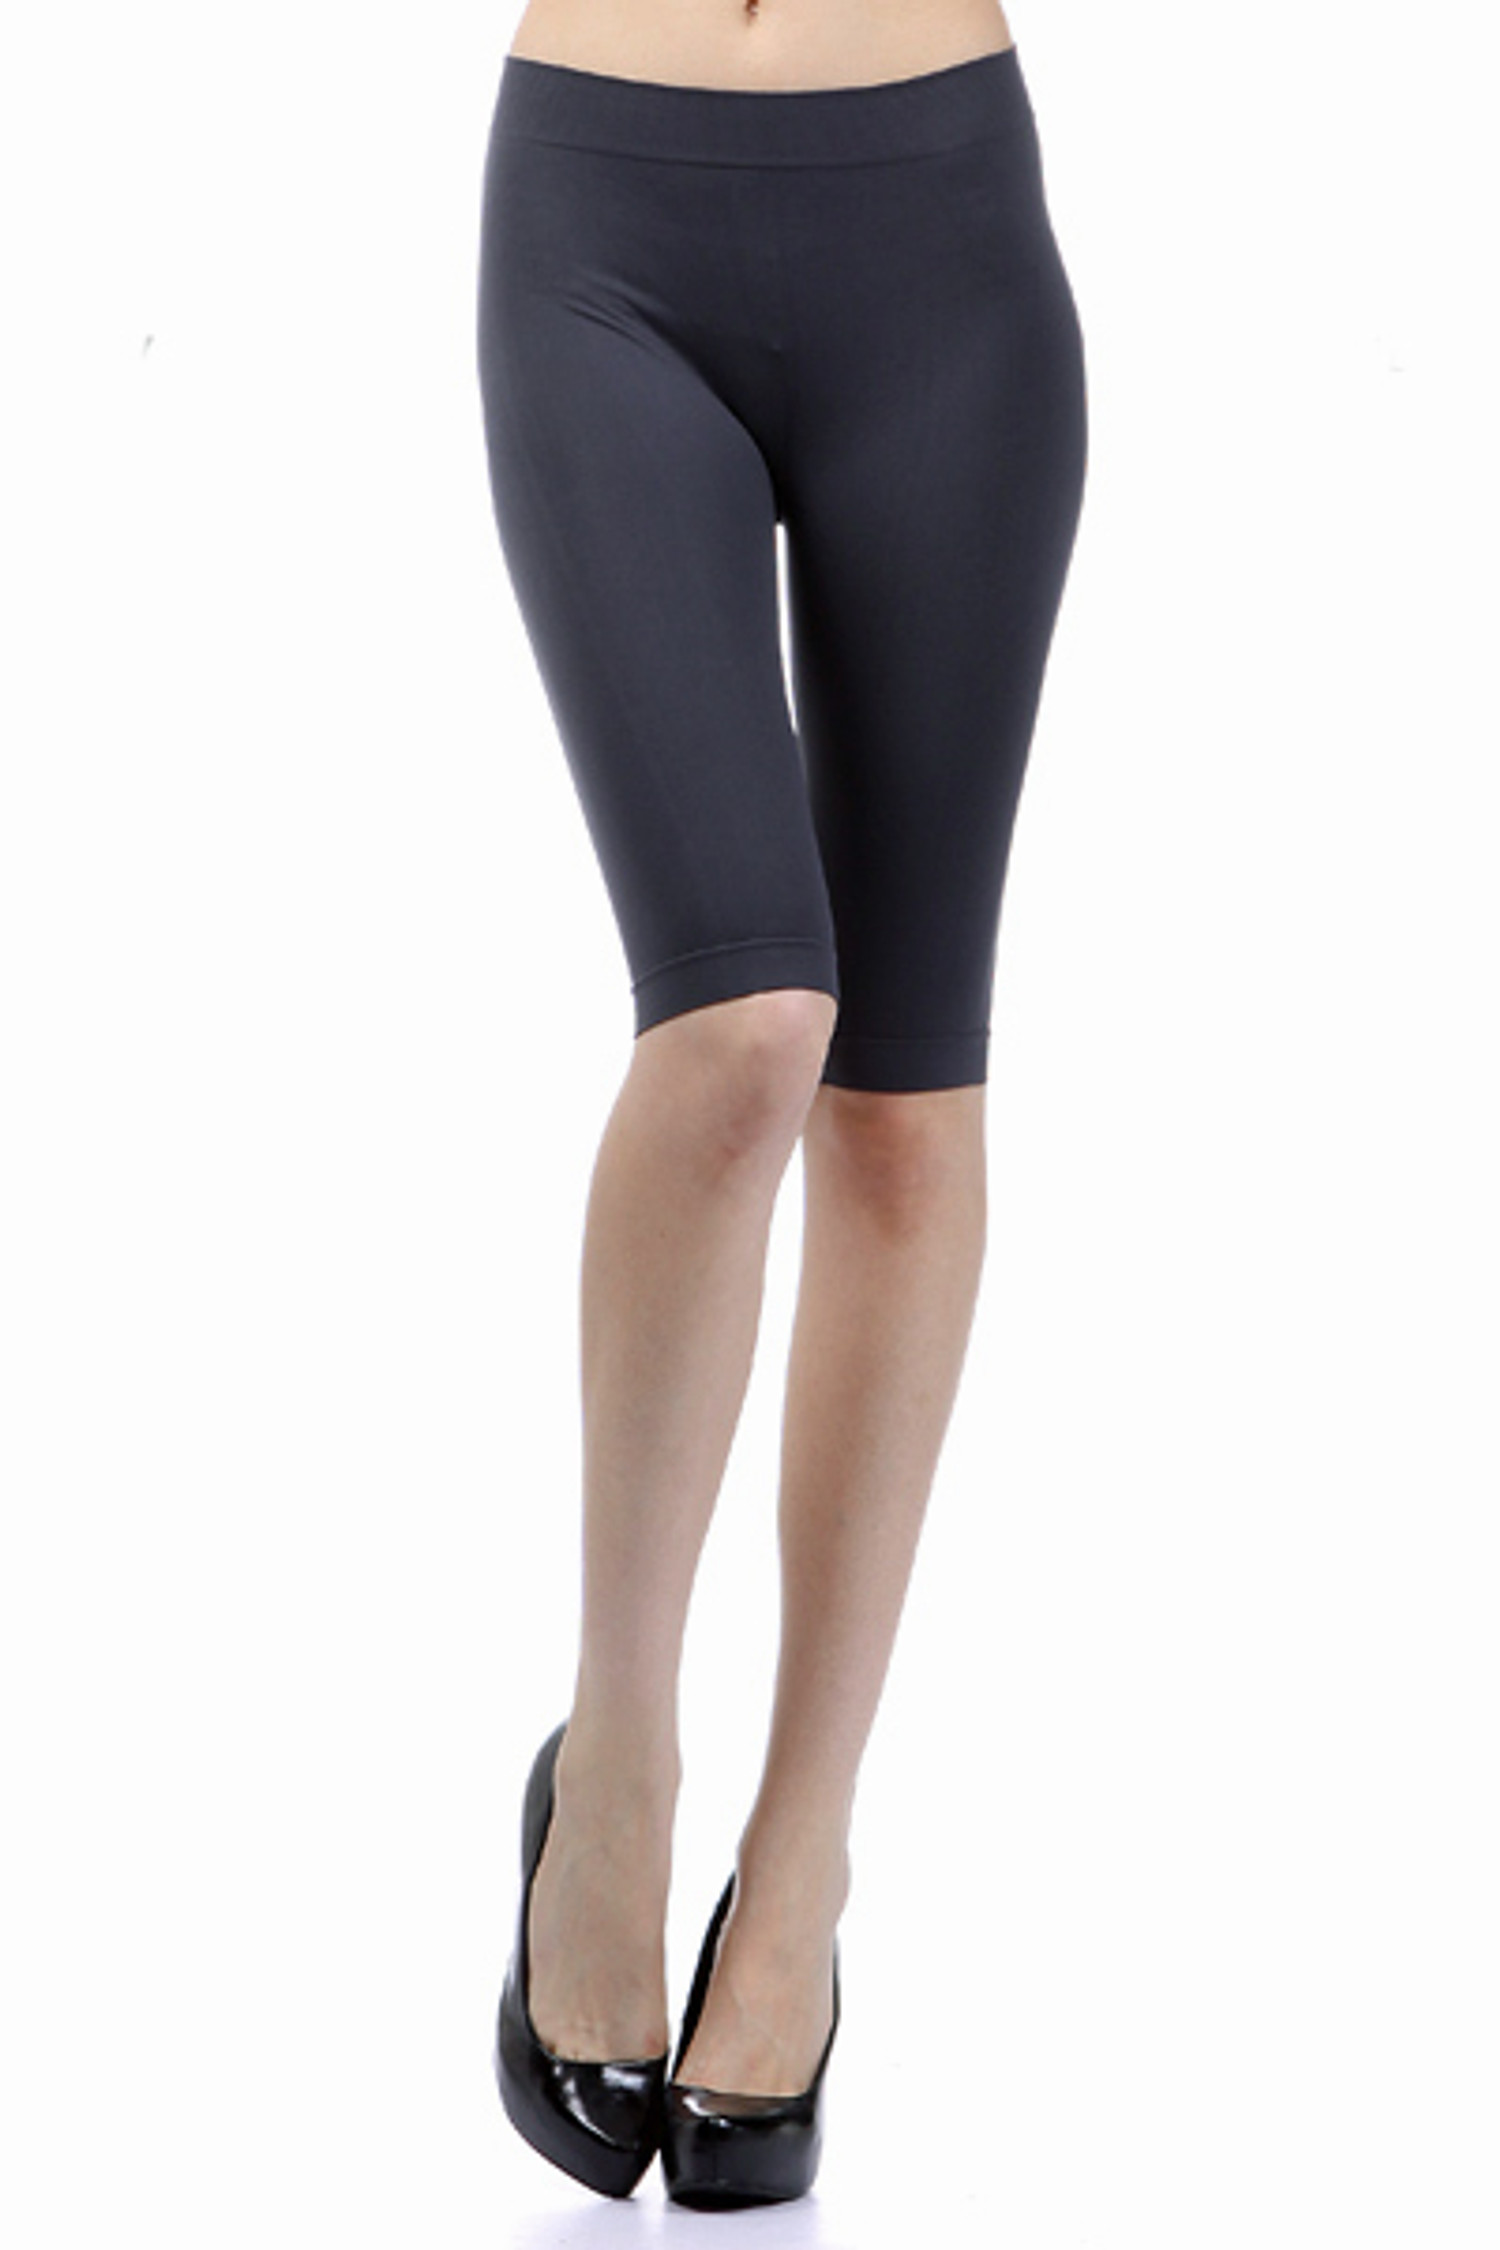 7 Inch One Size Nylon Thigh Shorts